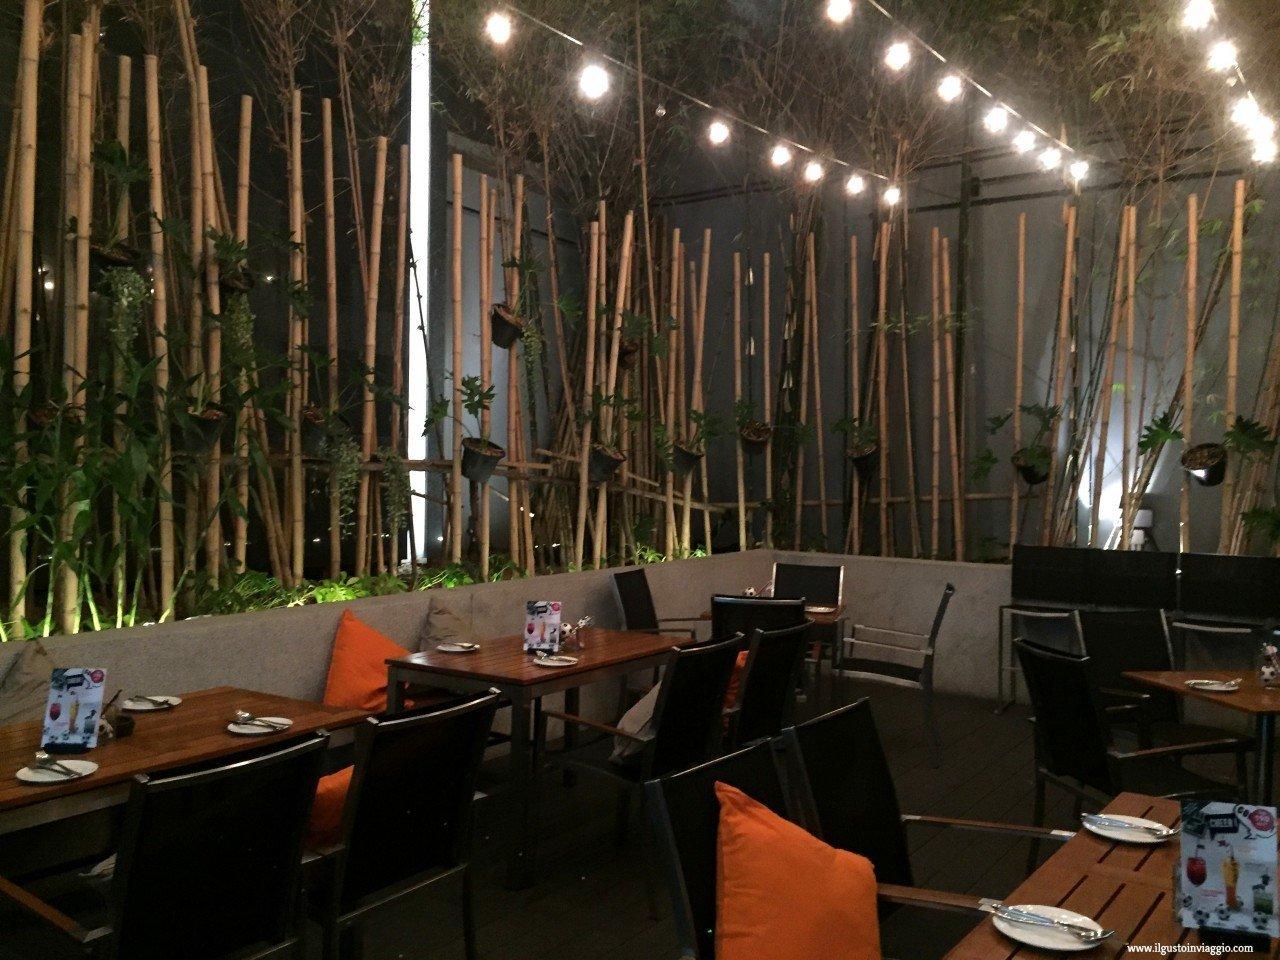 element restaurant amara bangkok, dove dormire a bangkok con i bambini